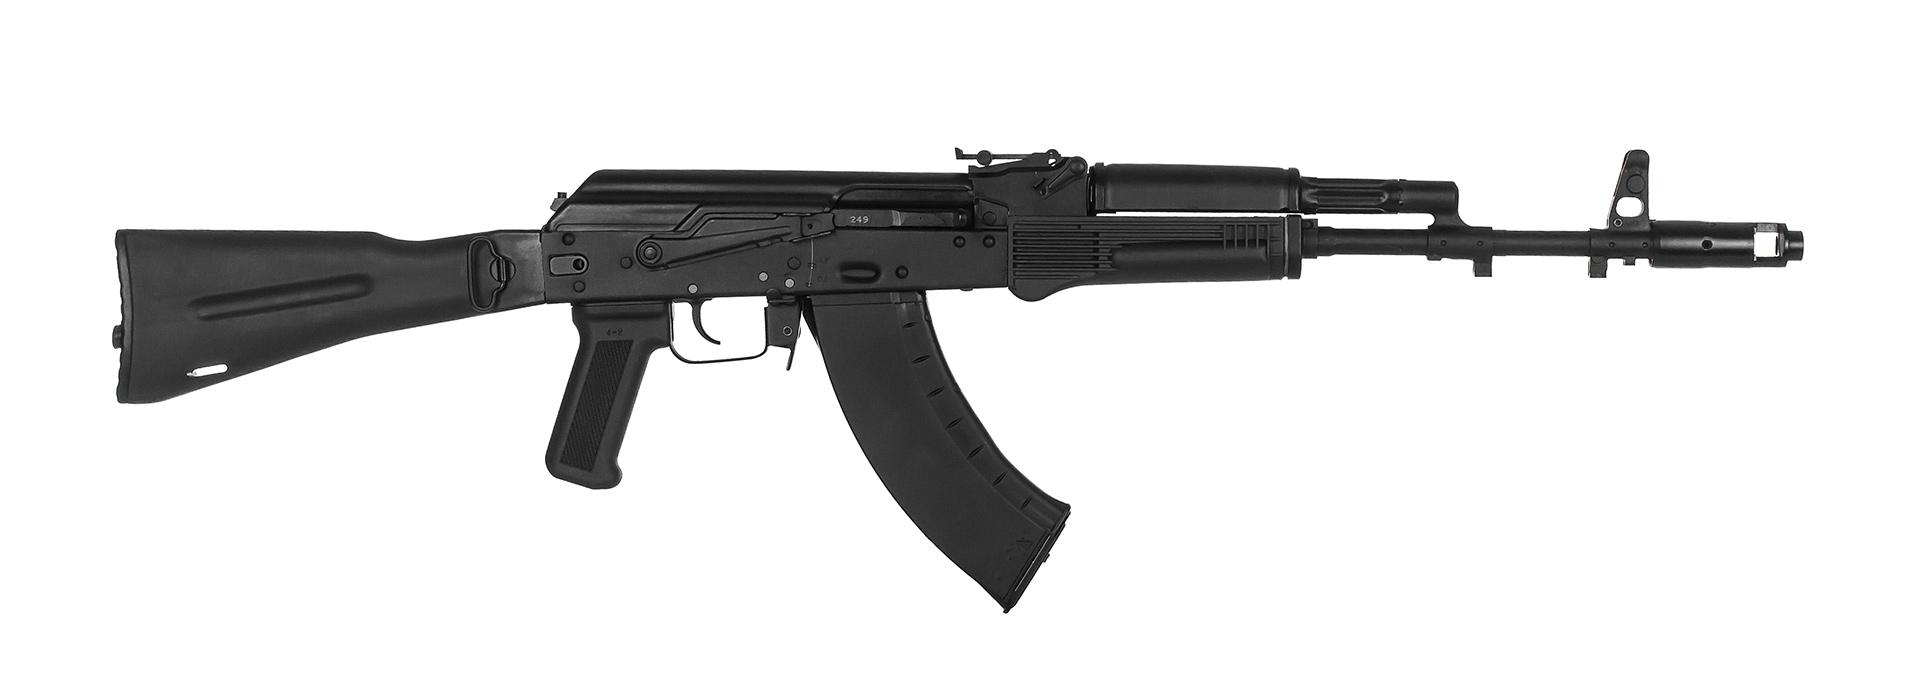 Sauditas assim contrato para produção de fuzis de assalto russos AK-103